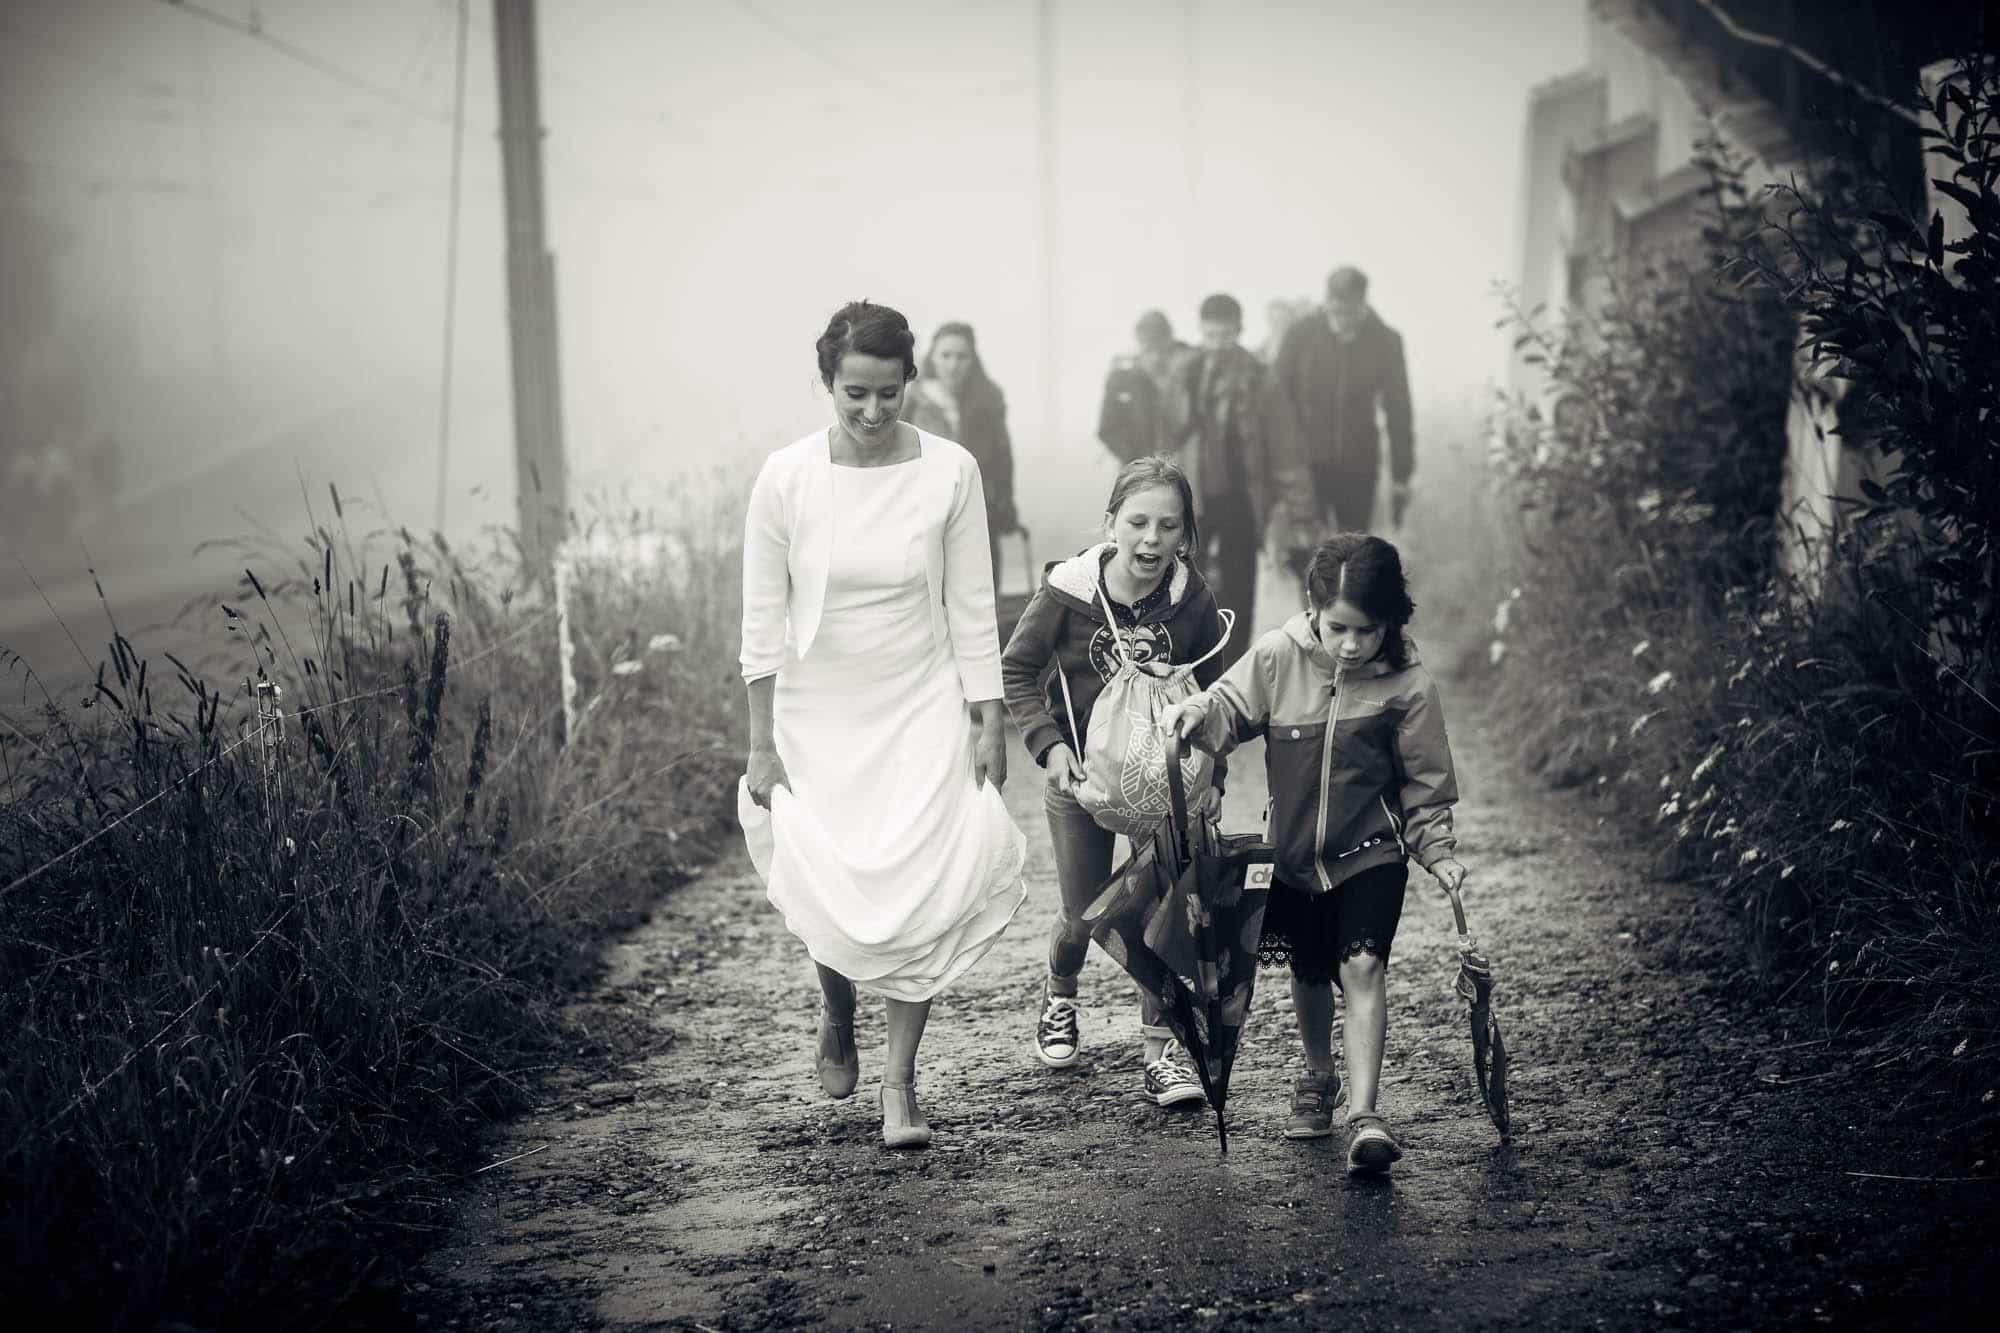 Braut und Mädchen gehen im Nebel und Regen auf einem Weg